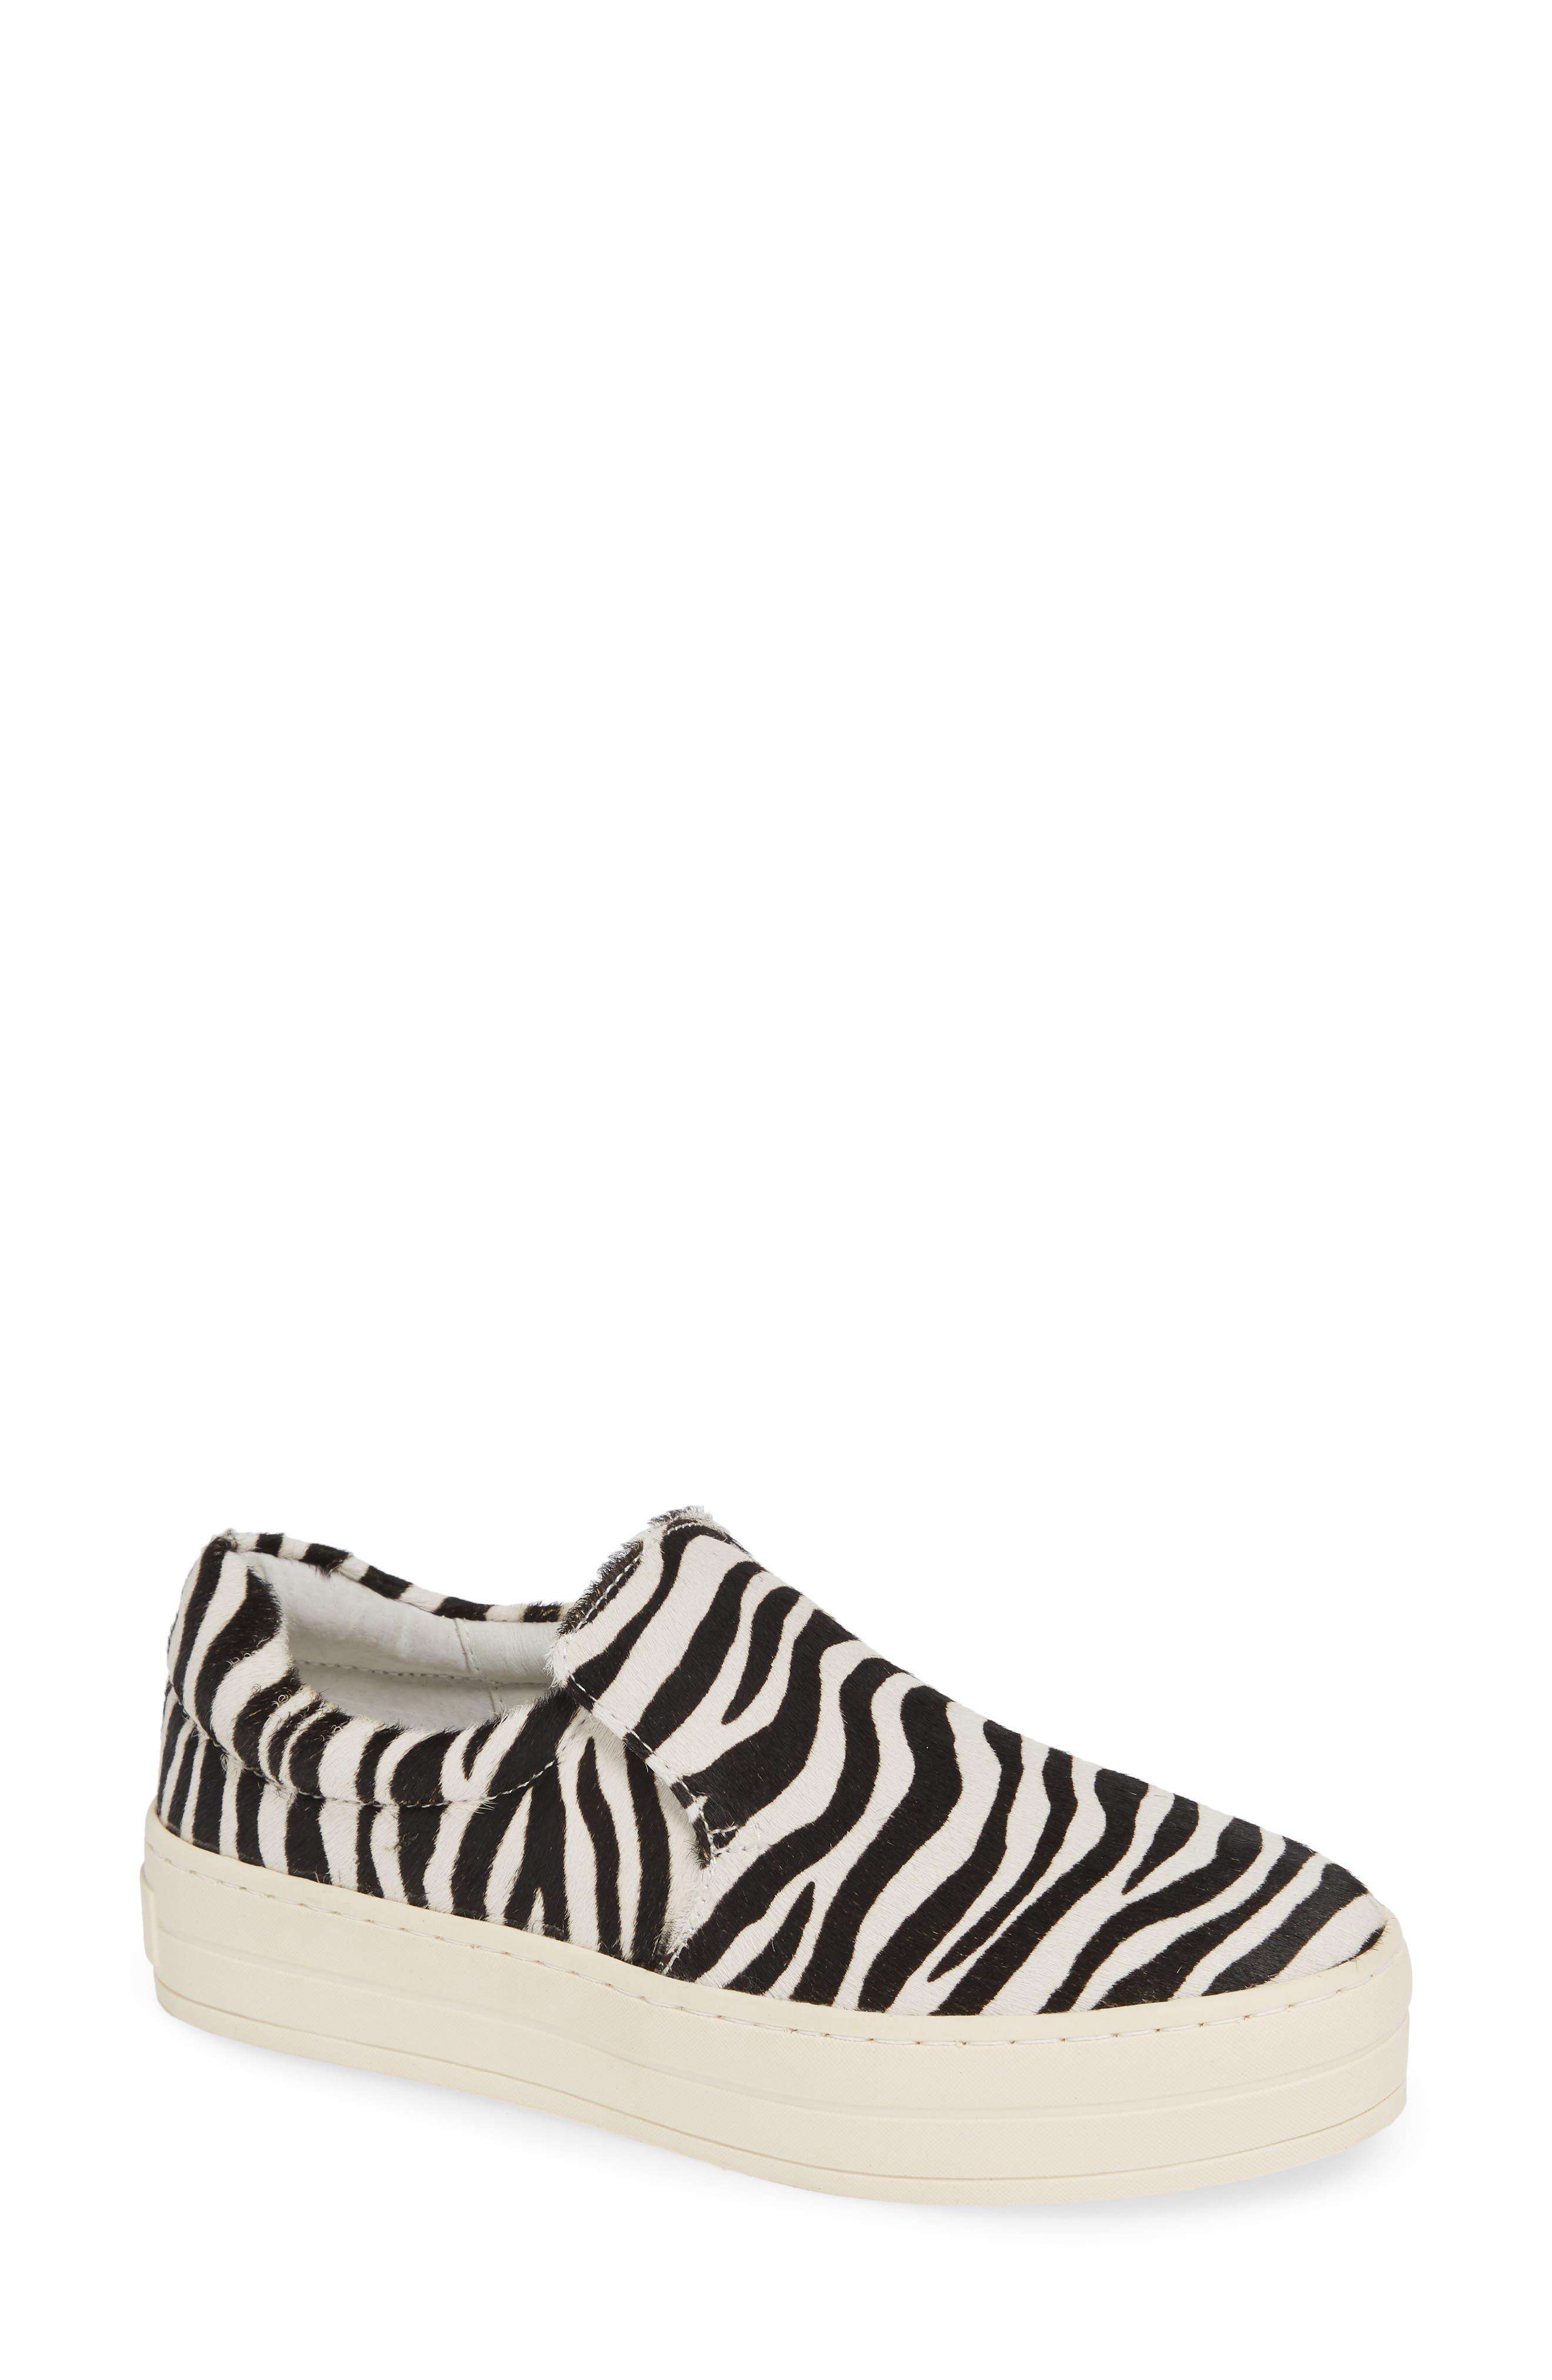 Jslides Harry Genuine Calf Hair Slip-On Sneaker